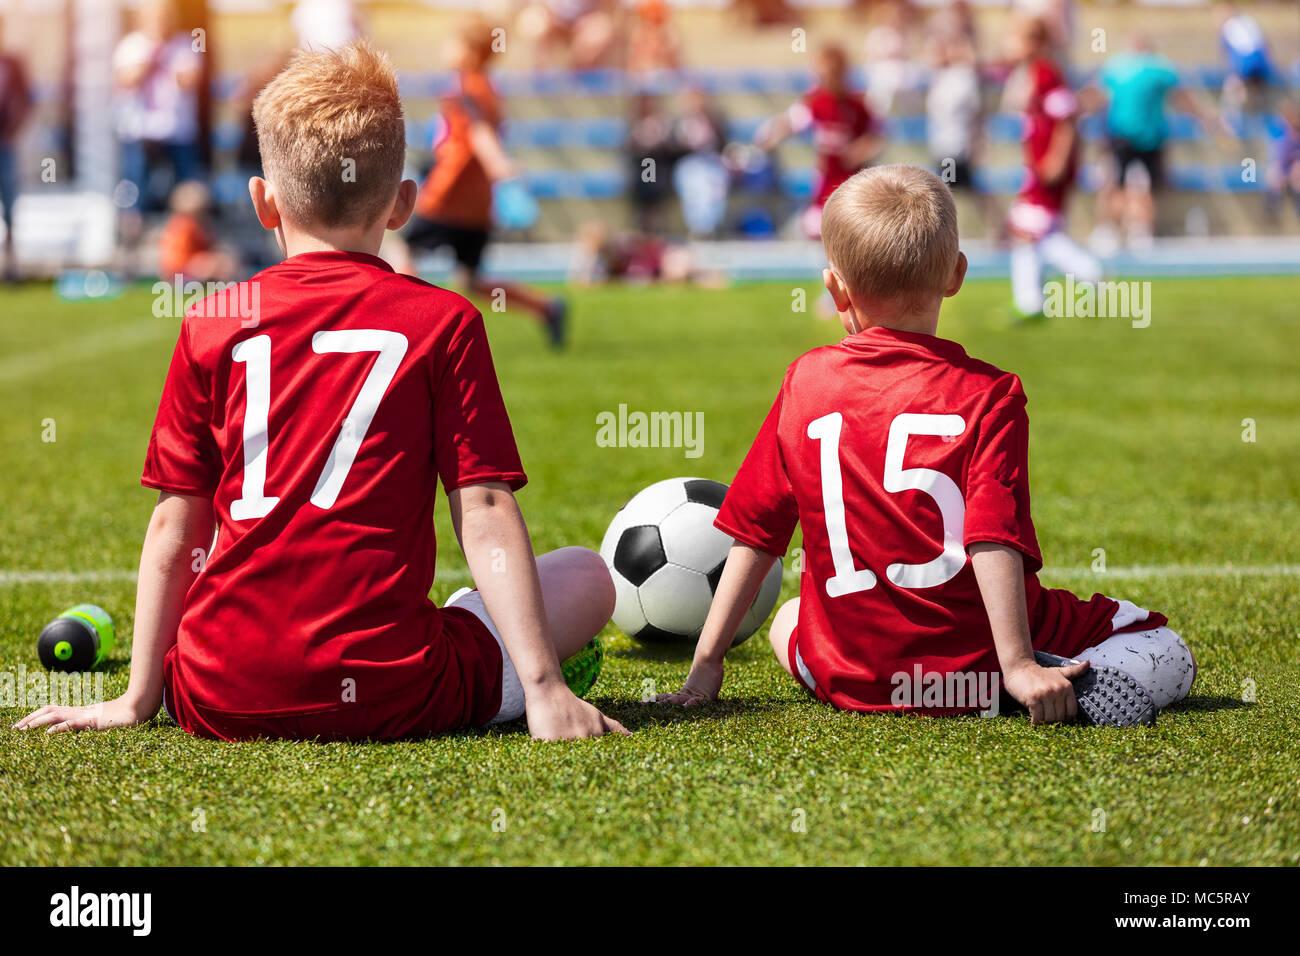 4d043681a29e7 Entrenamiento de fútbol para niños. Los muchachos sentados en campo de  fútbol y Ver juego de torneo. Partido de fútbol para niños